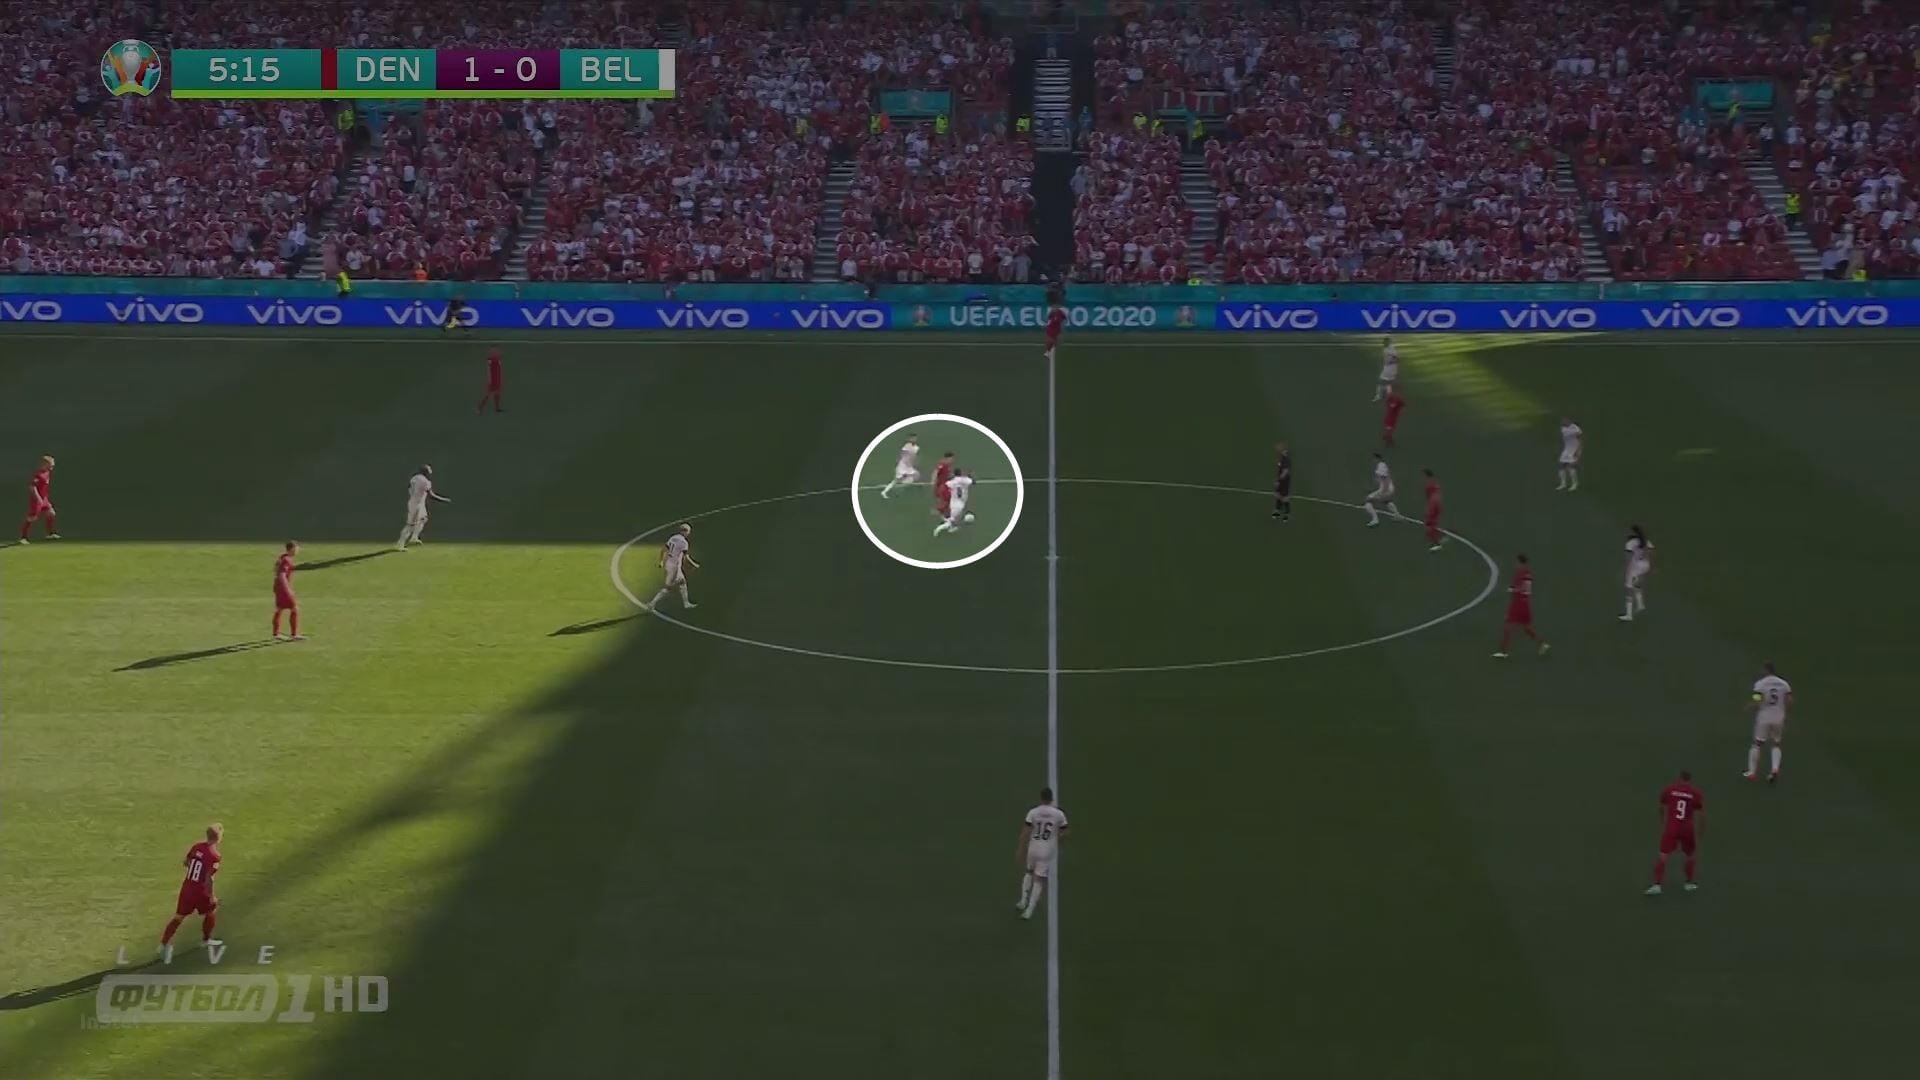 Хейбьерг – важнейший игрок Дании (и, возможно, лучший опорник турнира). Моуринью говорит, что он читает игру как тренер